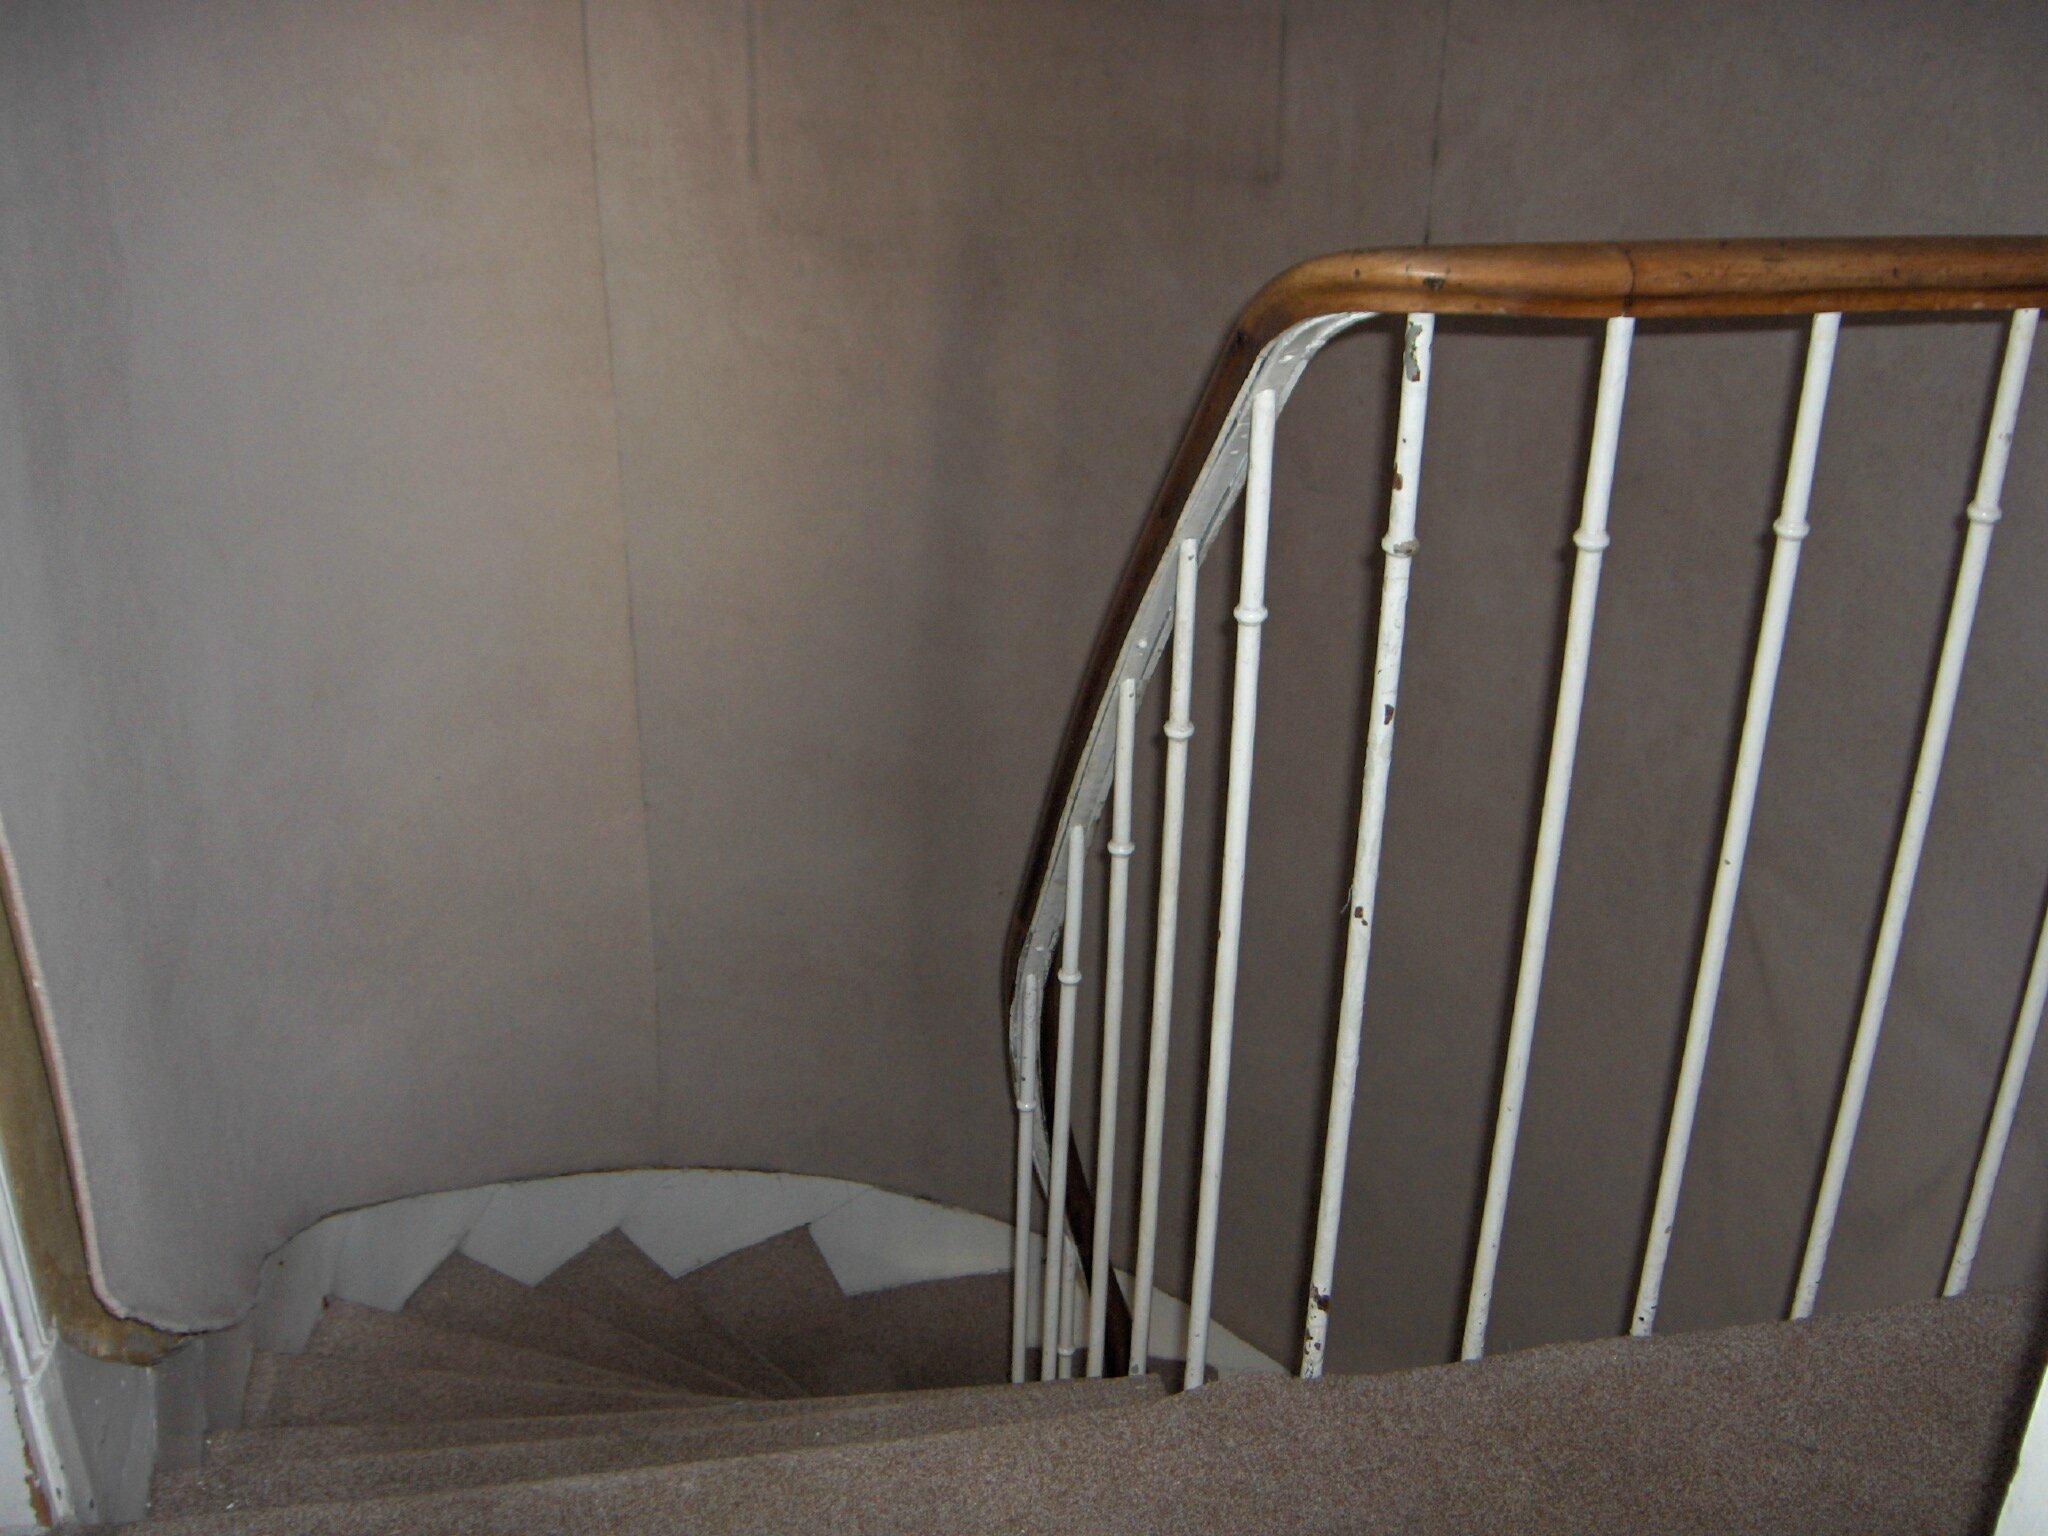 Quelle Couleur Pour Une Cage D Escalier avant- pendant- après de la cage d'escalier  - la maison